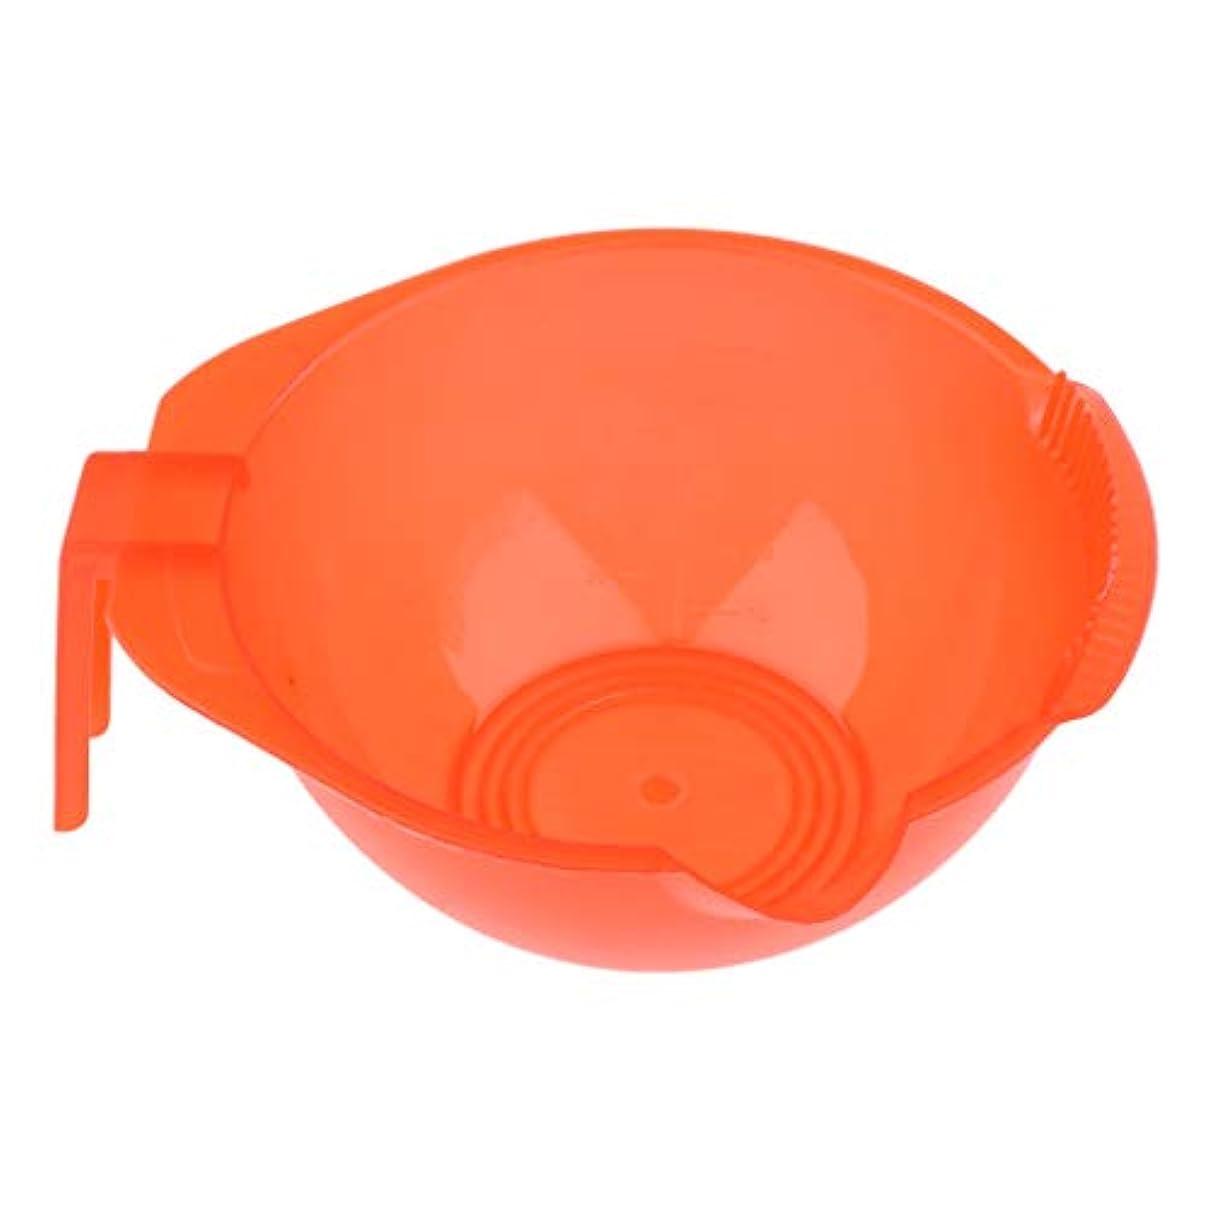 豚食堂シーフードヘアカラーボウル ミキシングボウル プロのサロン 家庭用DIY 5色選べ - 赤